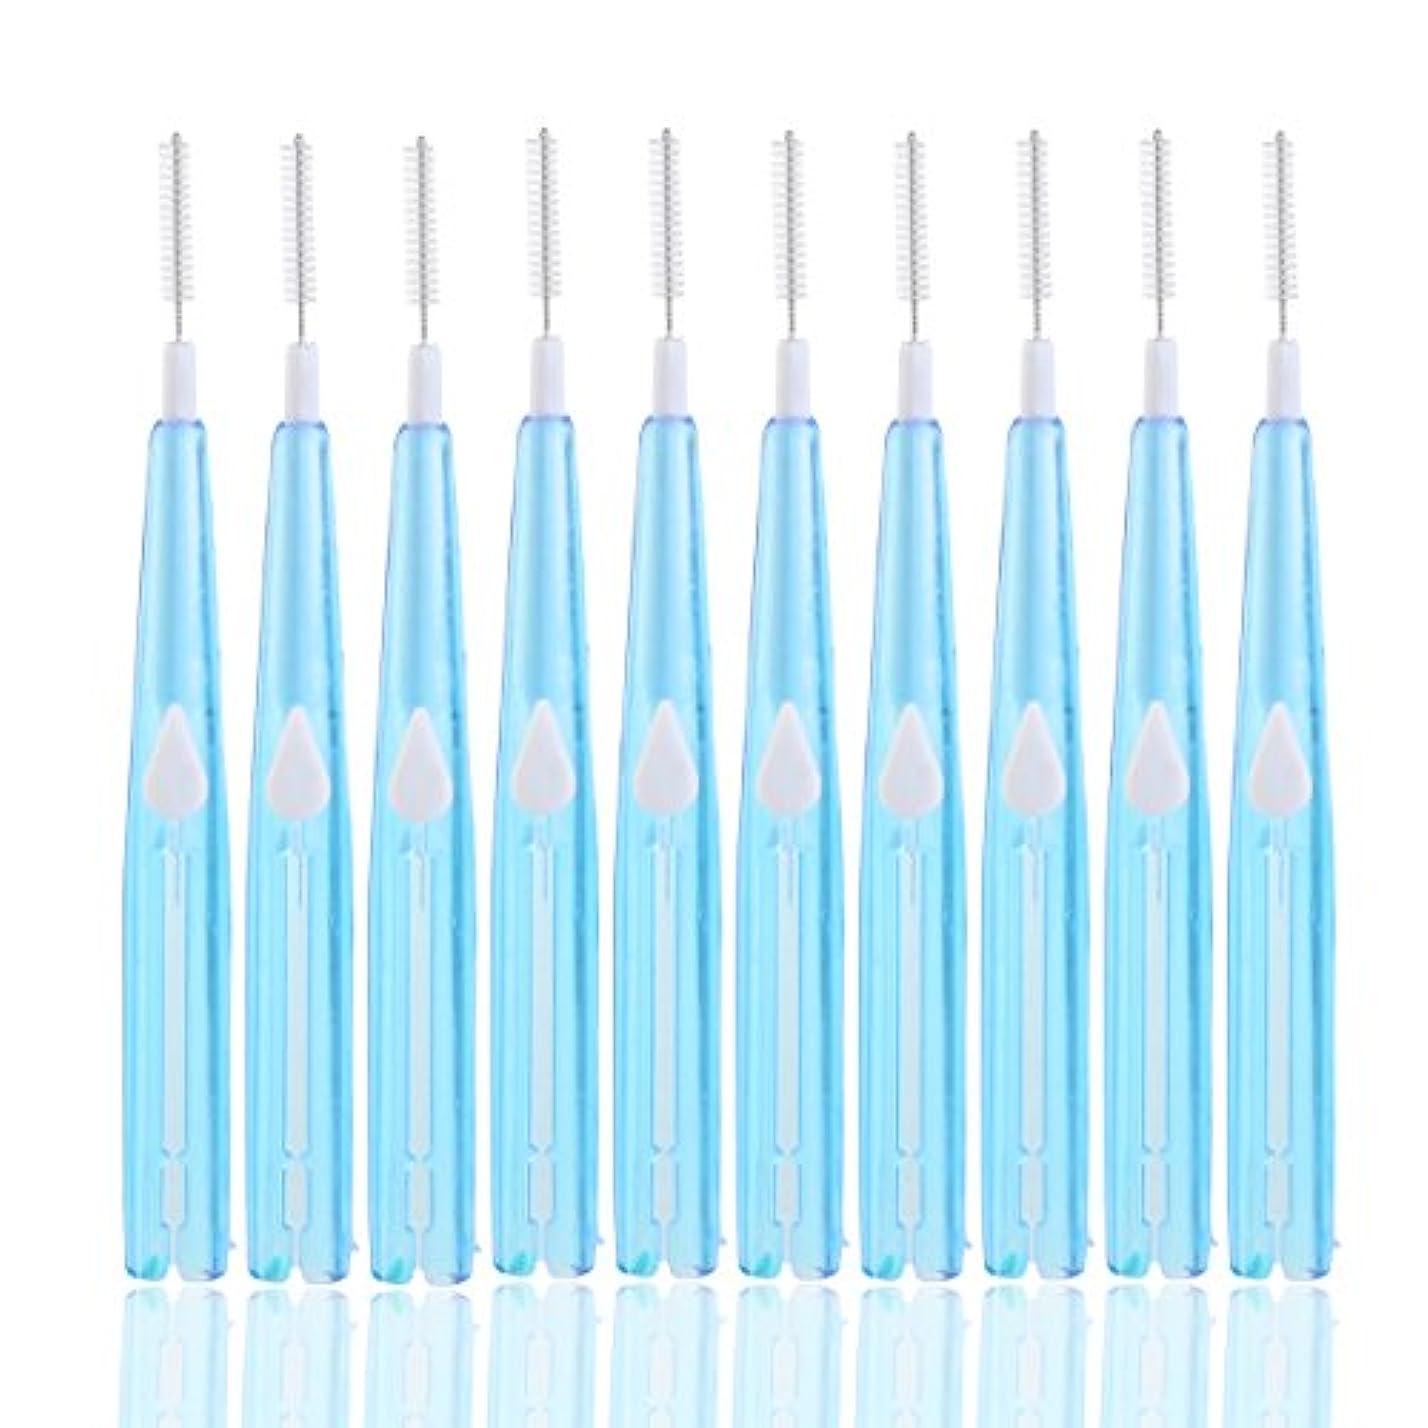 レギュラー周り北Healifty 歯間ブラシ歯間フロスクリーナー歯科用オーラルケアツール8本(ブルー)